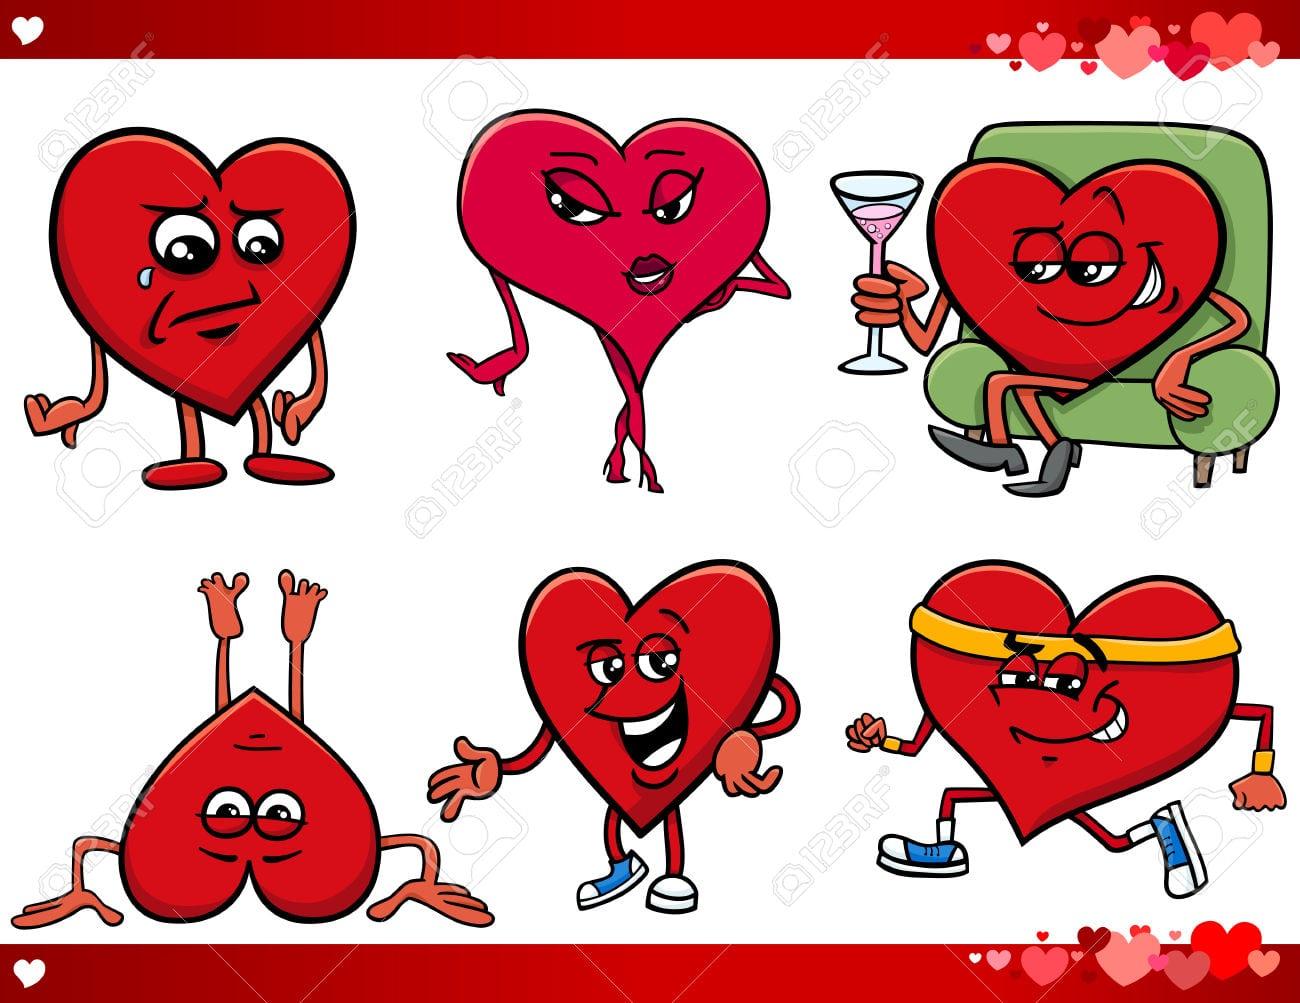 Ilustração Dos Desenhos Animados Do Dia Dos Namorados E Amor Temas